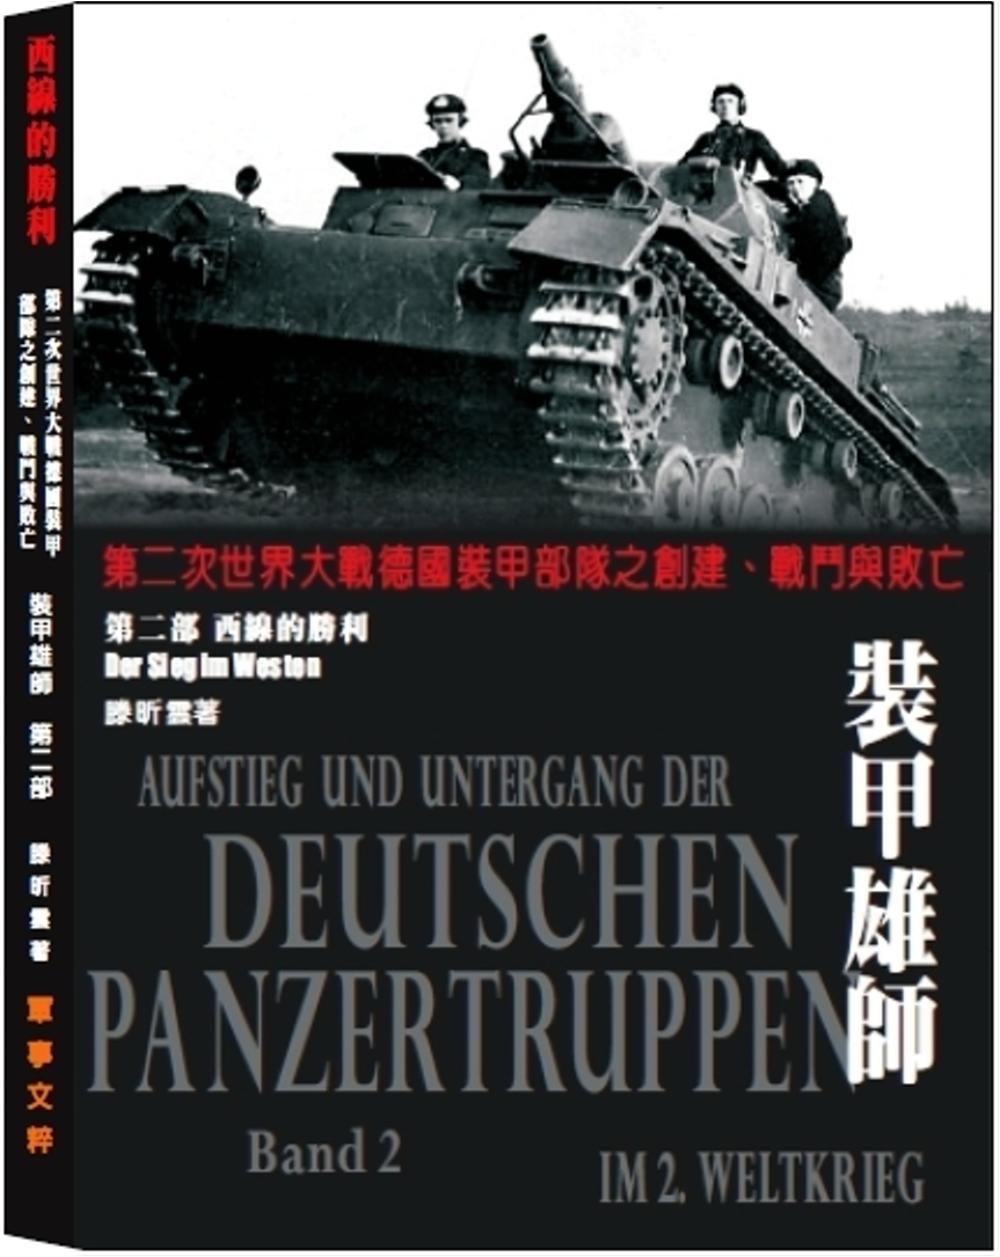 裝甲雄師 第二部 西線的勝利:第二次世界大戰德國裝甲部隊之創建、戰鬥與敗亡